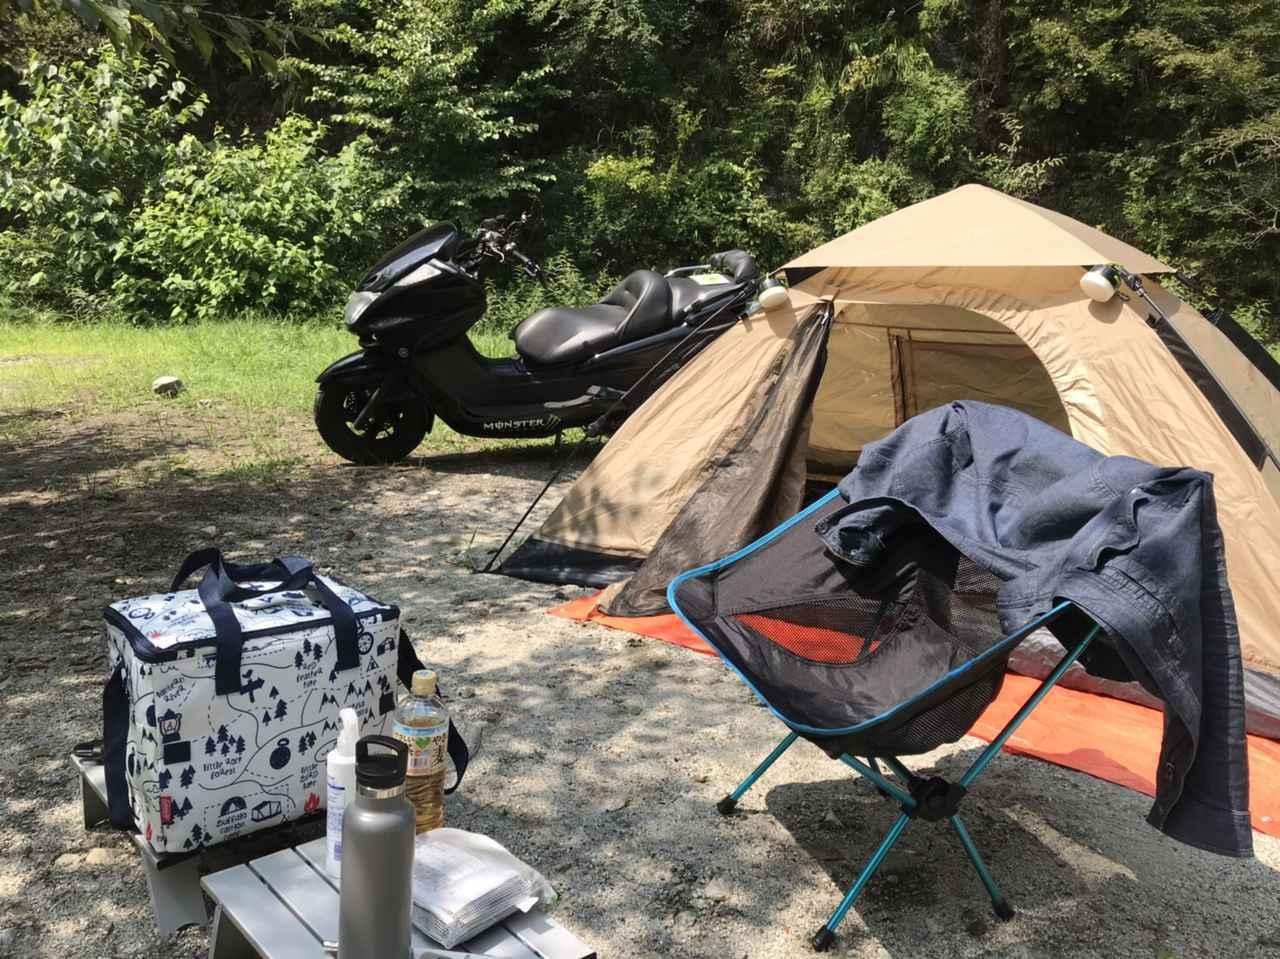 画像: ソロキャンプするならどのテントがおすすめ? 定番から入門者向けまで8つご紹介 - ハピキャン(HAPPY CAMPER)